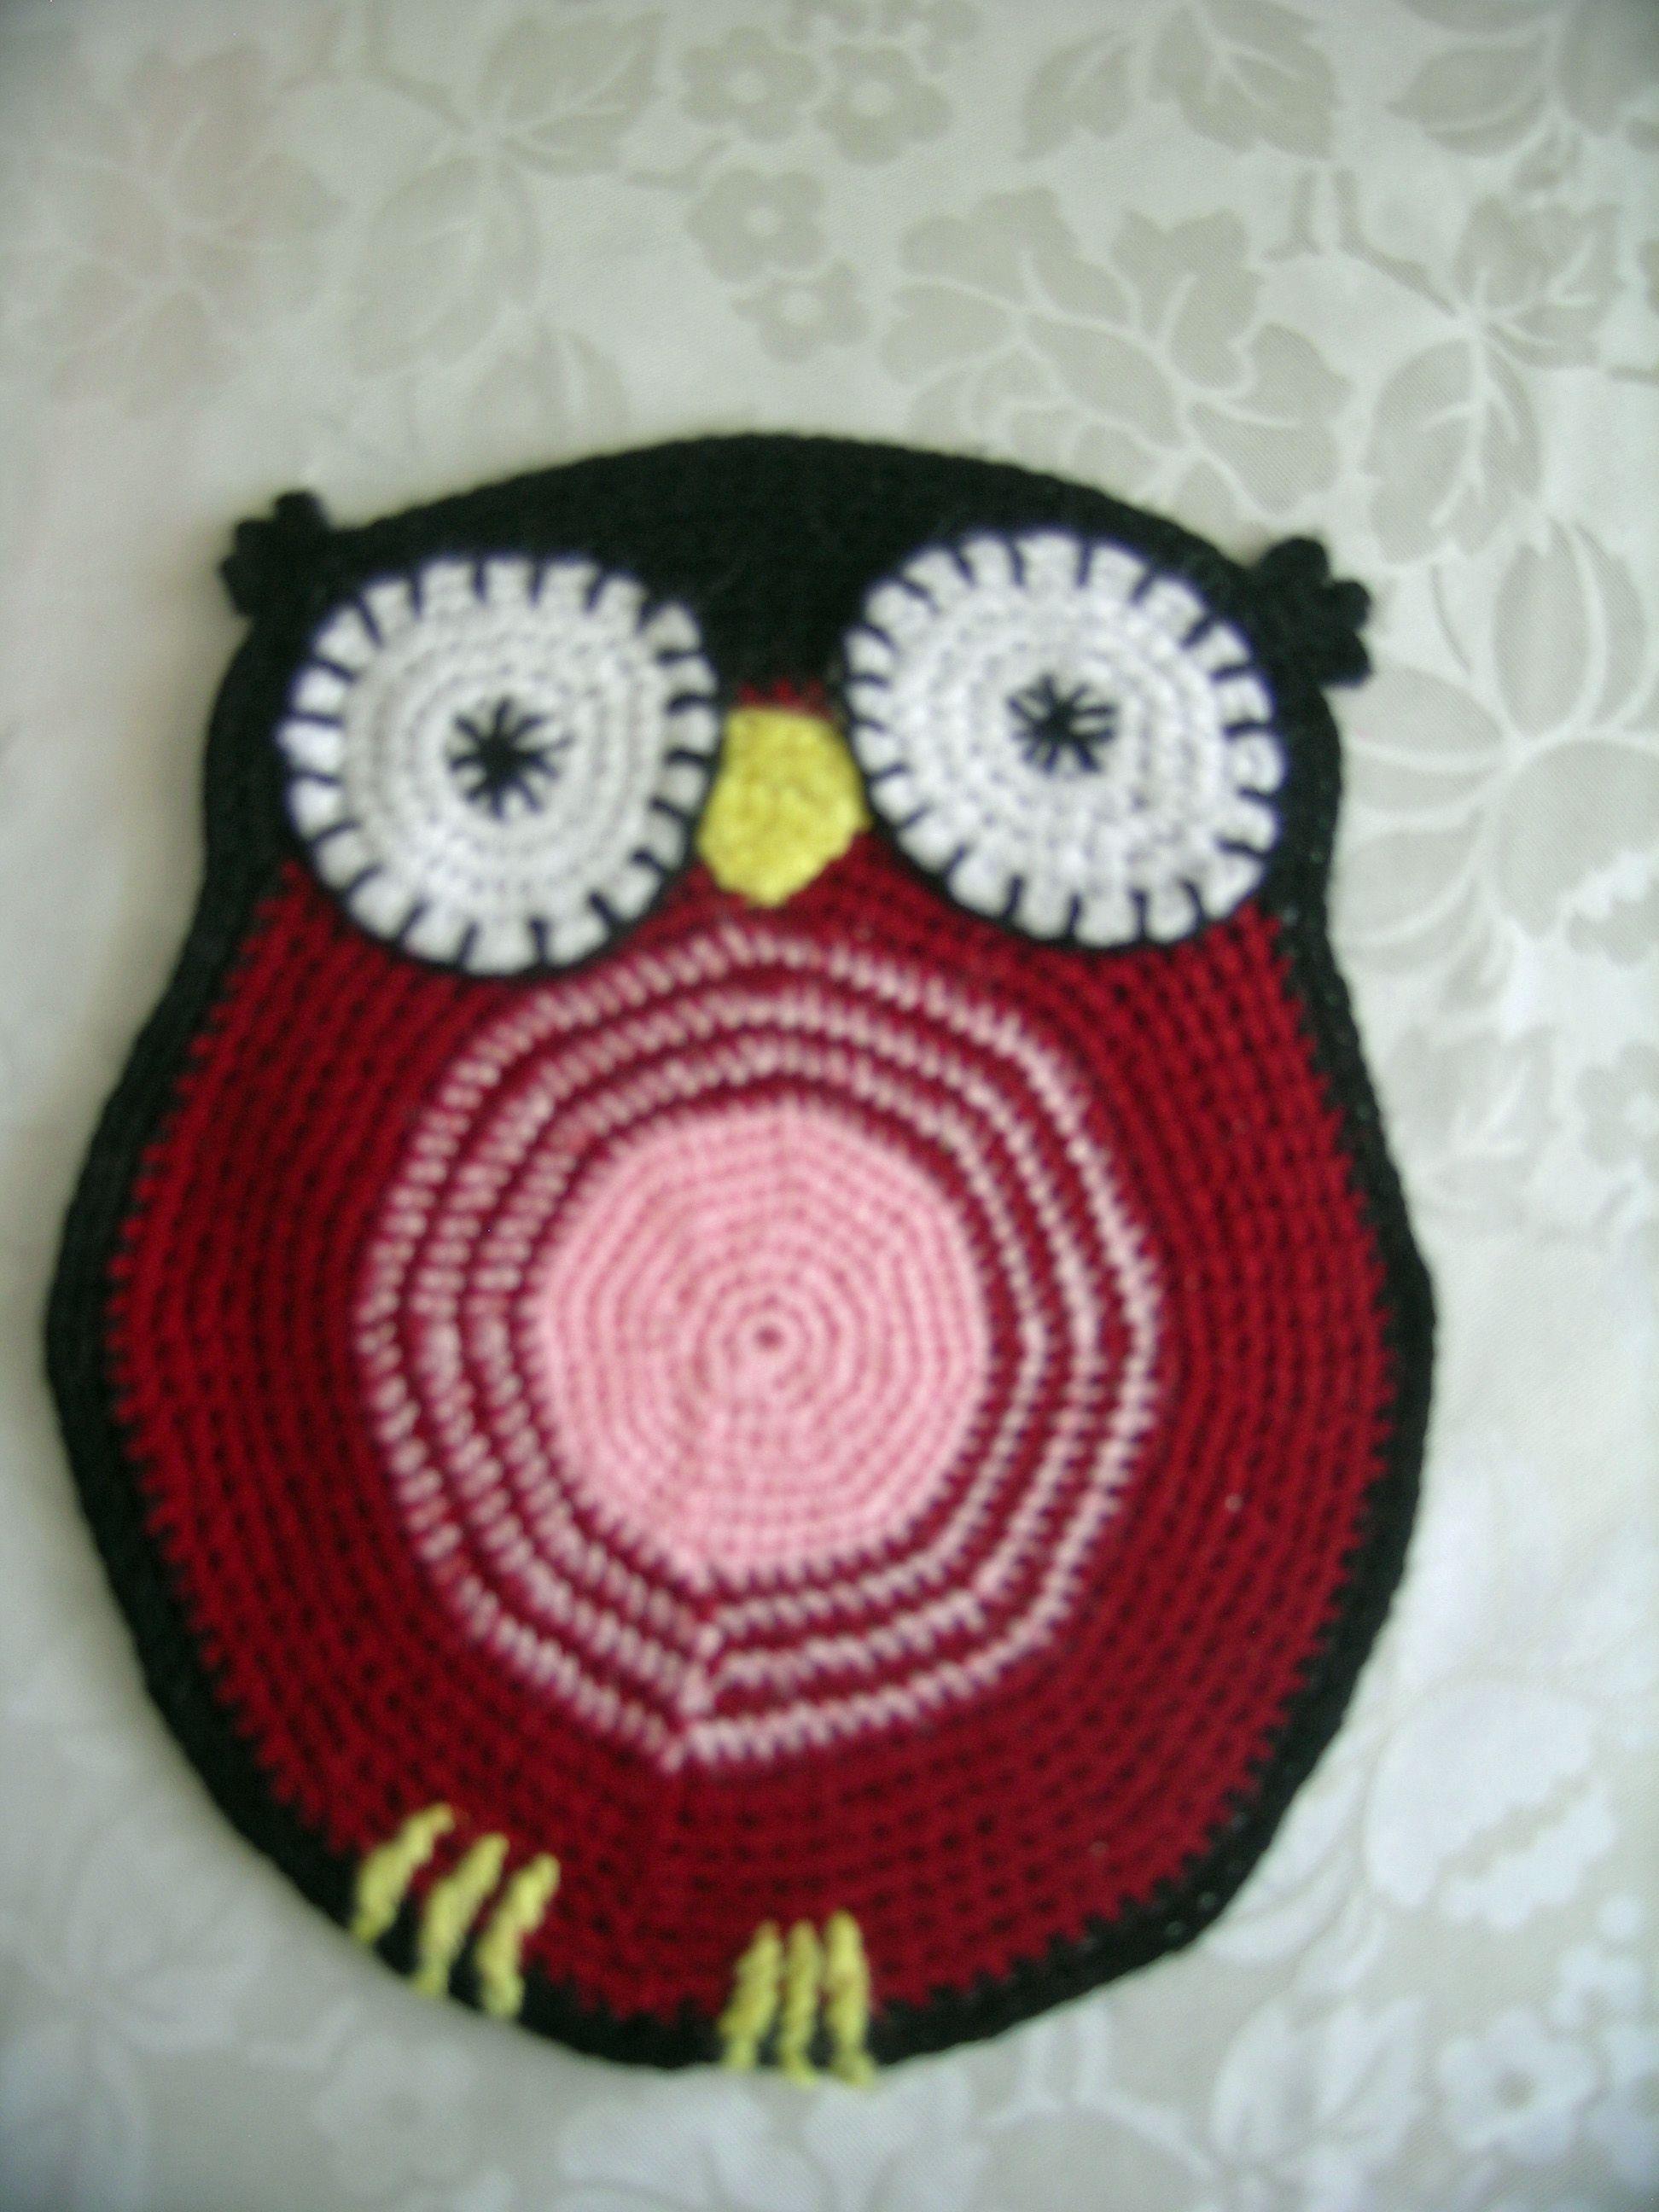 Crochet owl pot coasters - Häkel eulen Topf untersetzer -   original design */* Hippie - Bohemian - shabby - 18.5 cm x 15.5 cm crochet owl  -  you can use the owl pot coasters  or as an application ... 18,5 cm x 15,5 cm häkel eule  - Sie können die eule  als Topf untersetzer  verwendet oder als  Applikation zu bewerten .... Tığ işi 18.5 cm x 15,5 cm - Nihale olarak kullanabileceğiniz bir baykuş. Dilerseniz aplike oarak değerlendirebilirsiniz...